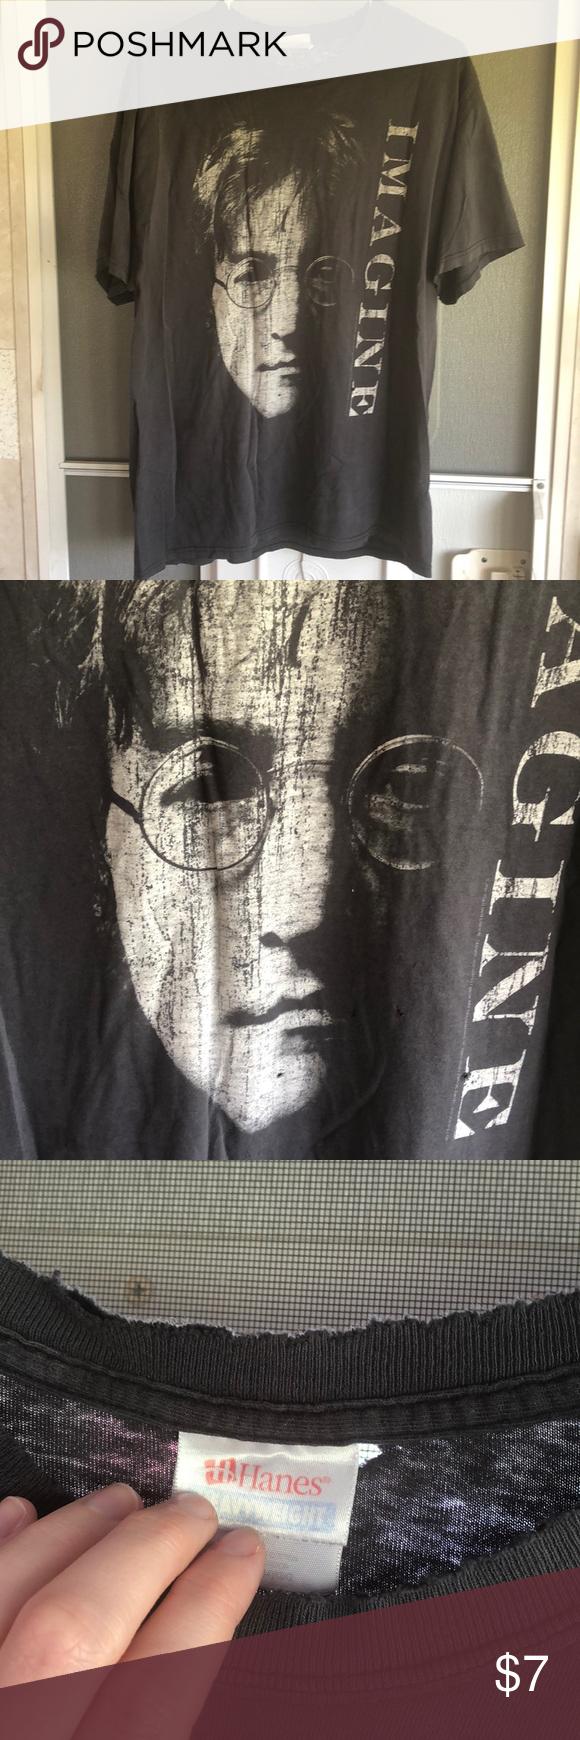 Old john lennon t shirt